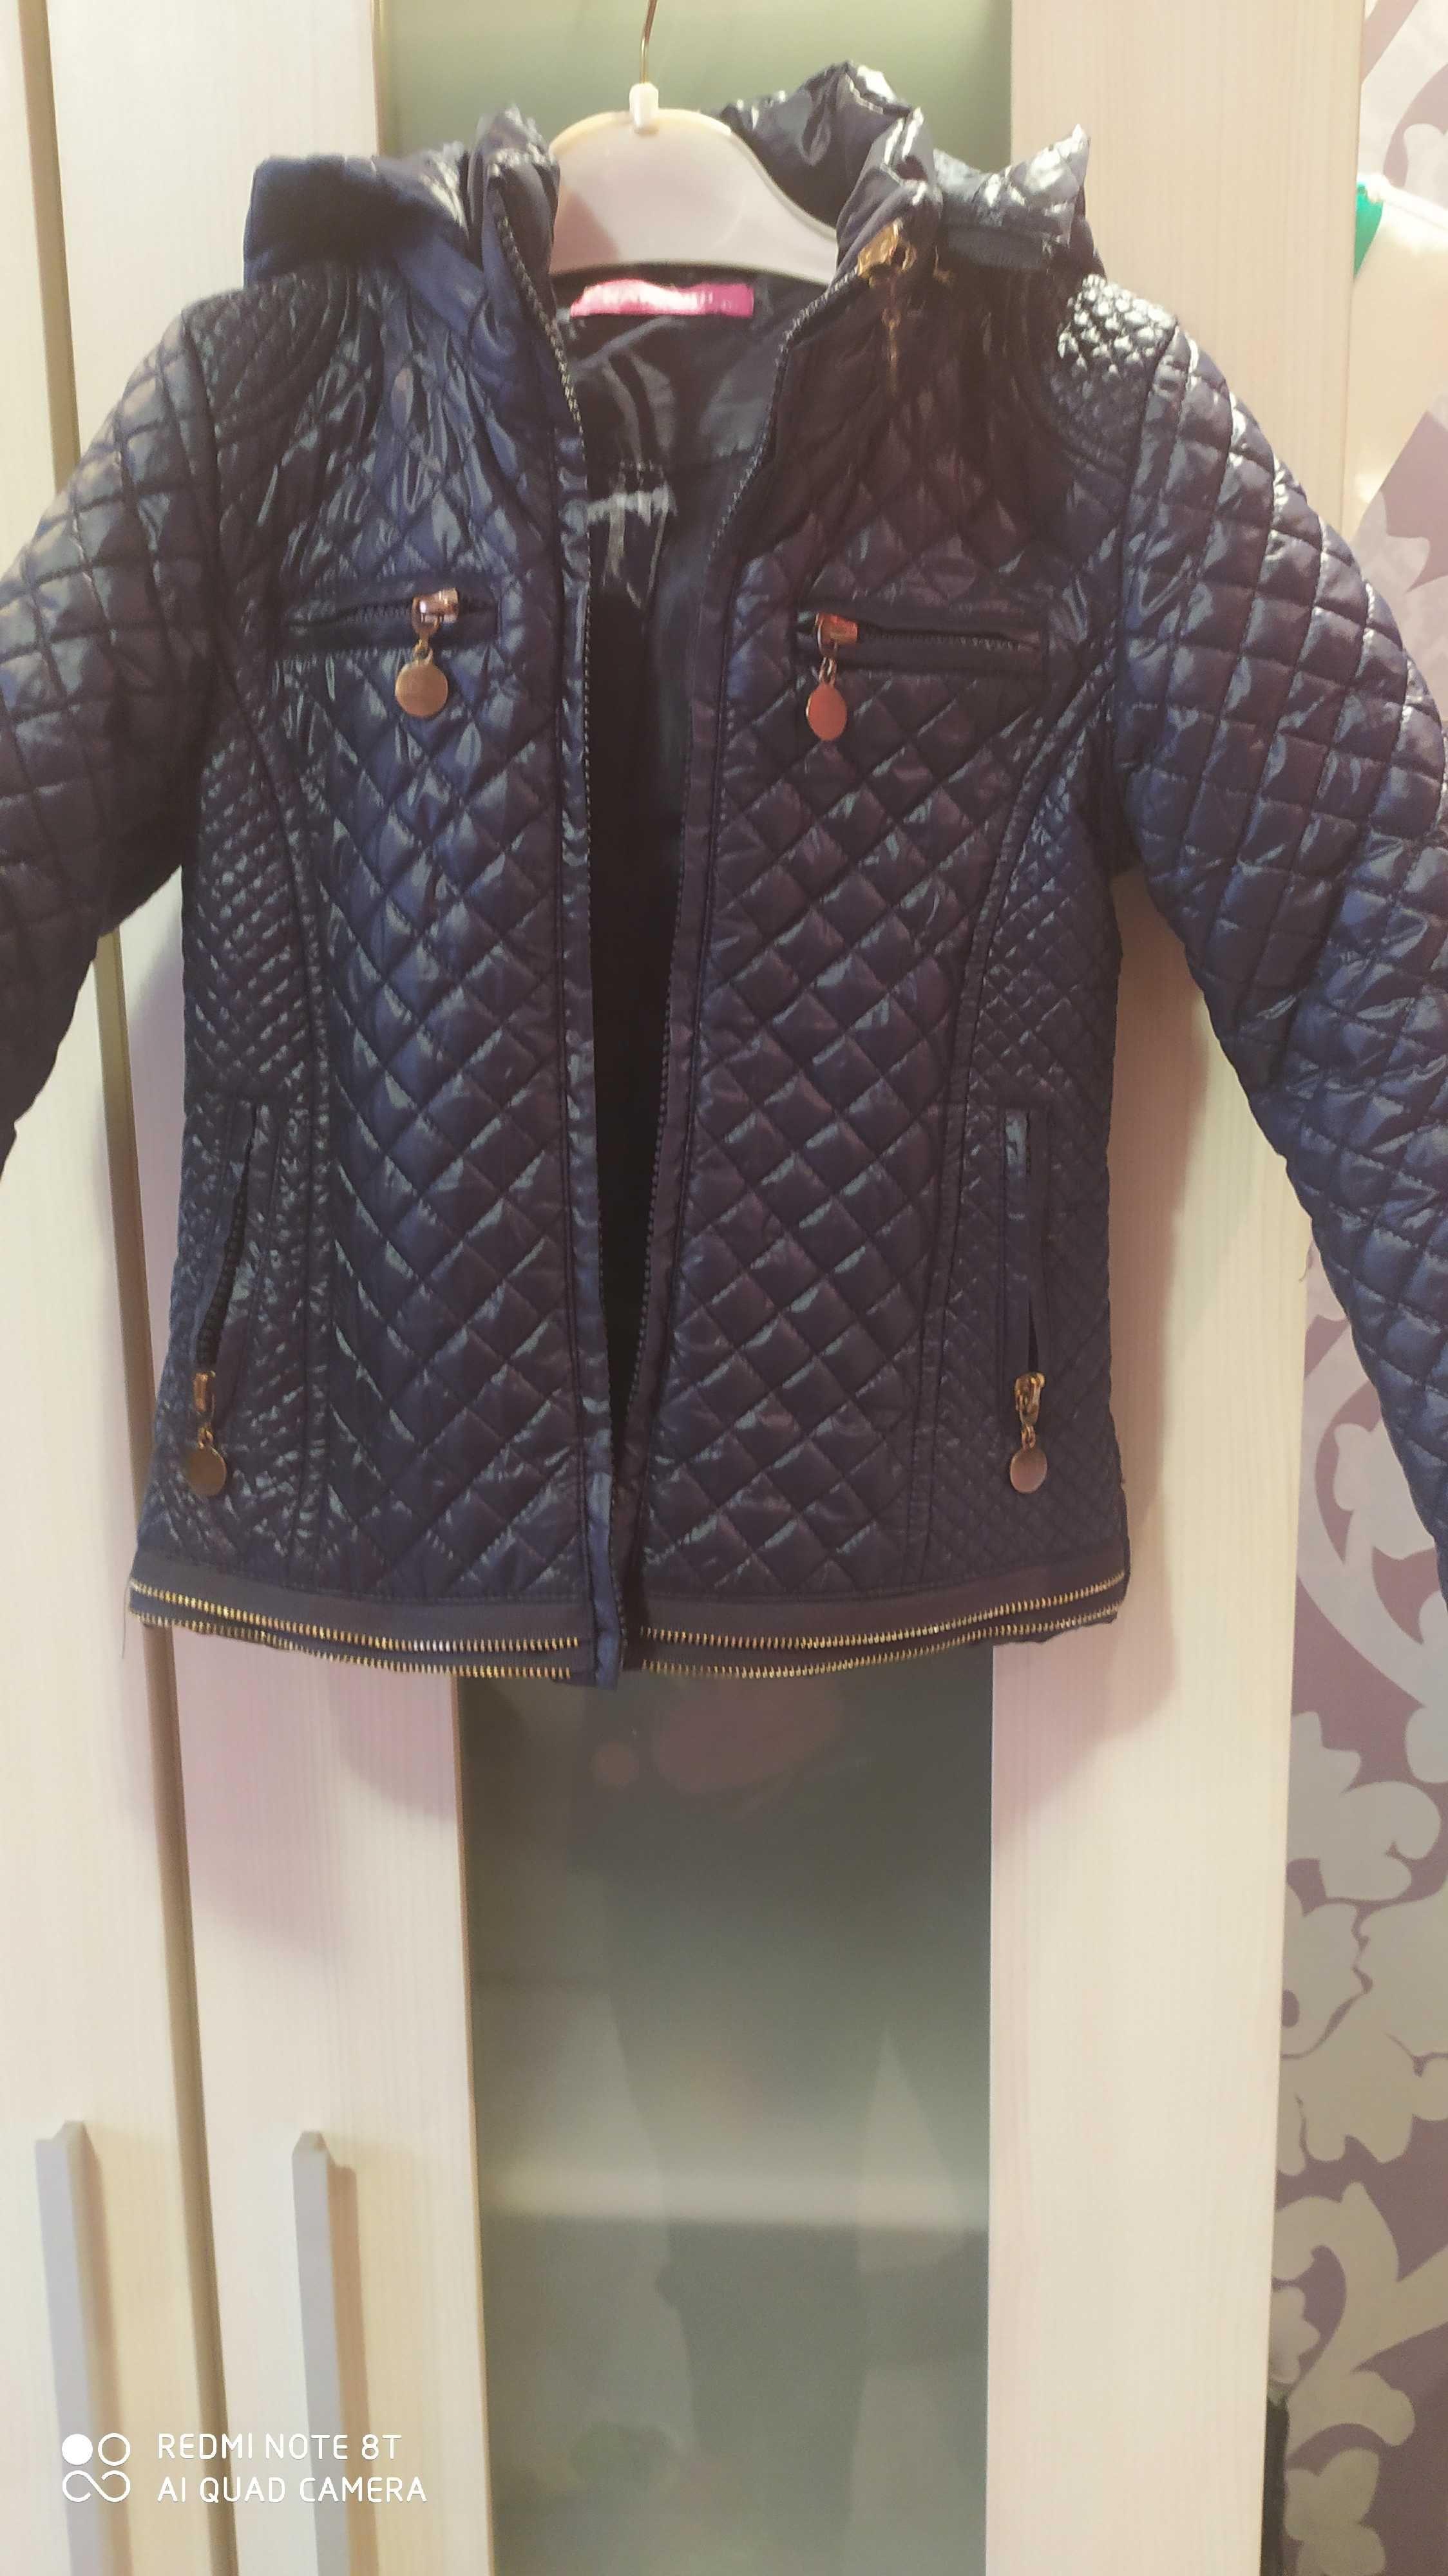 Пролетно-есенно кокетно якенце